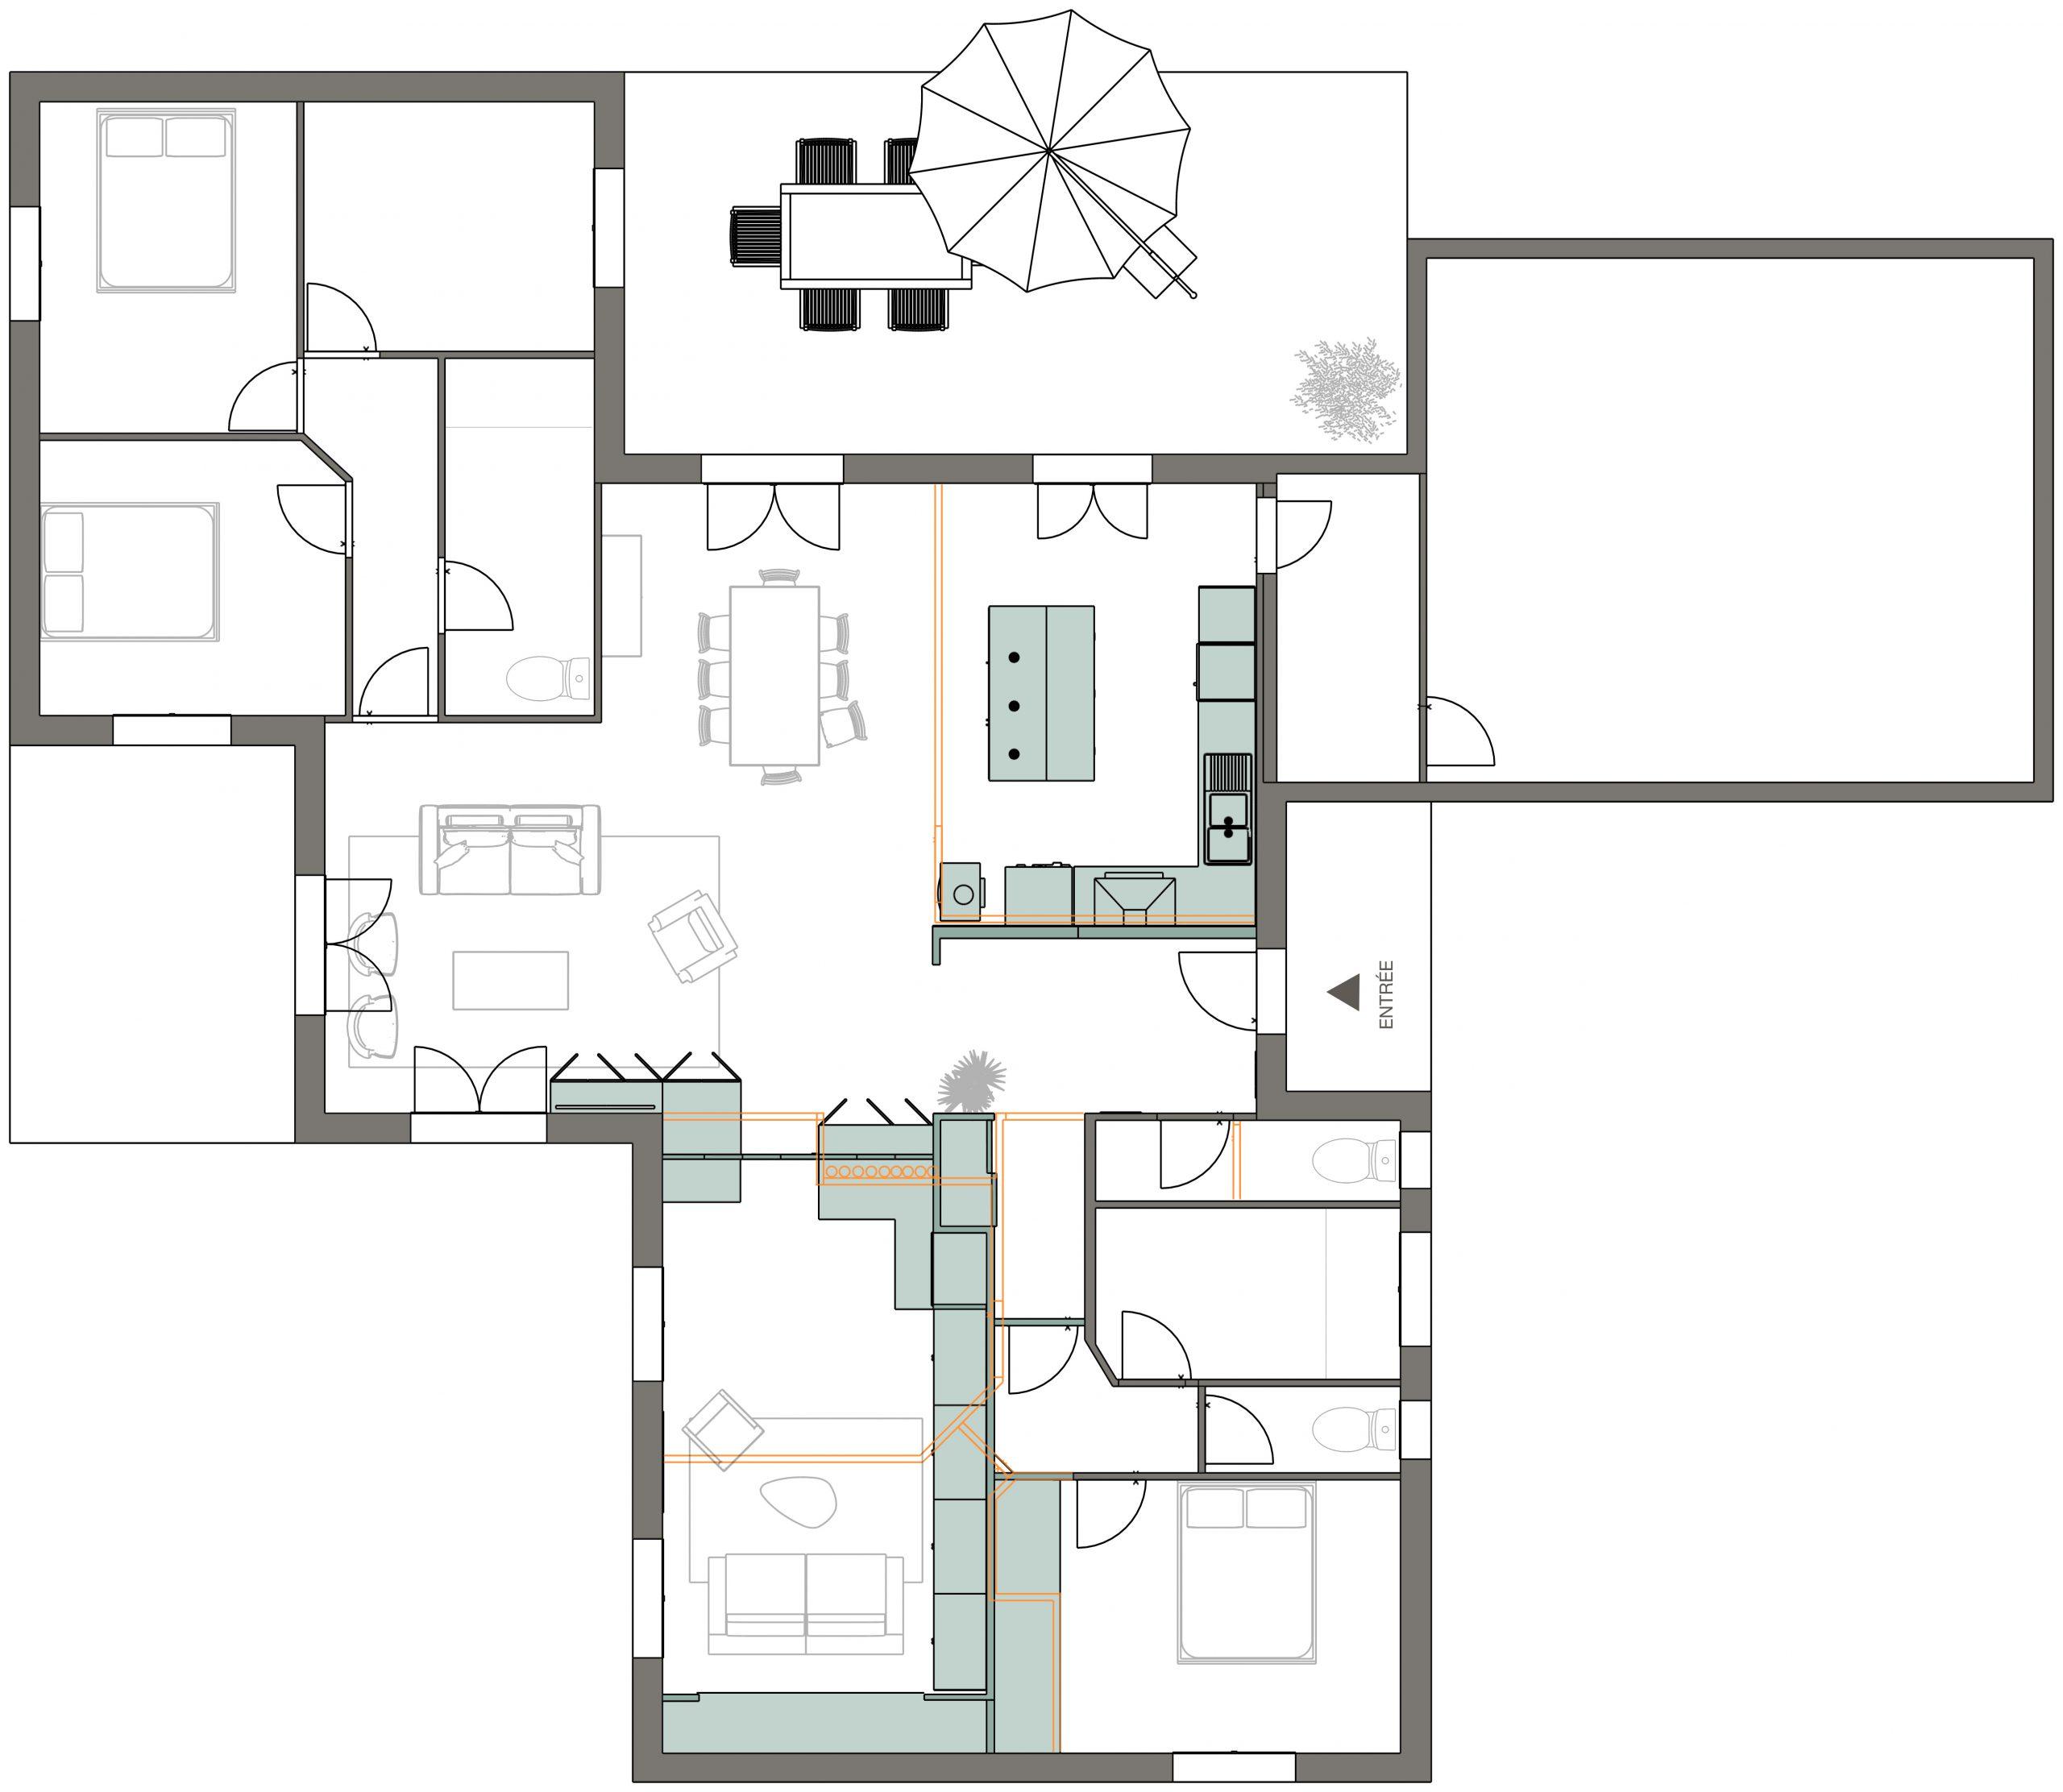 plan de la maison après travaux